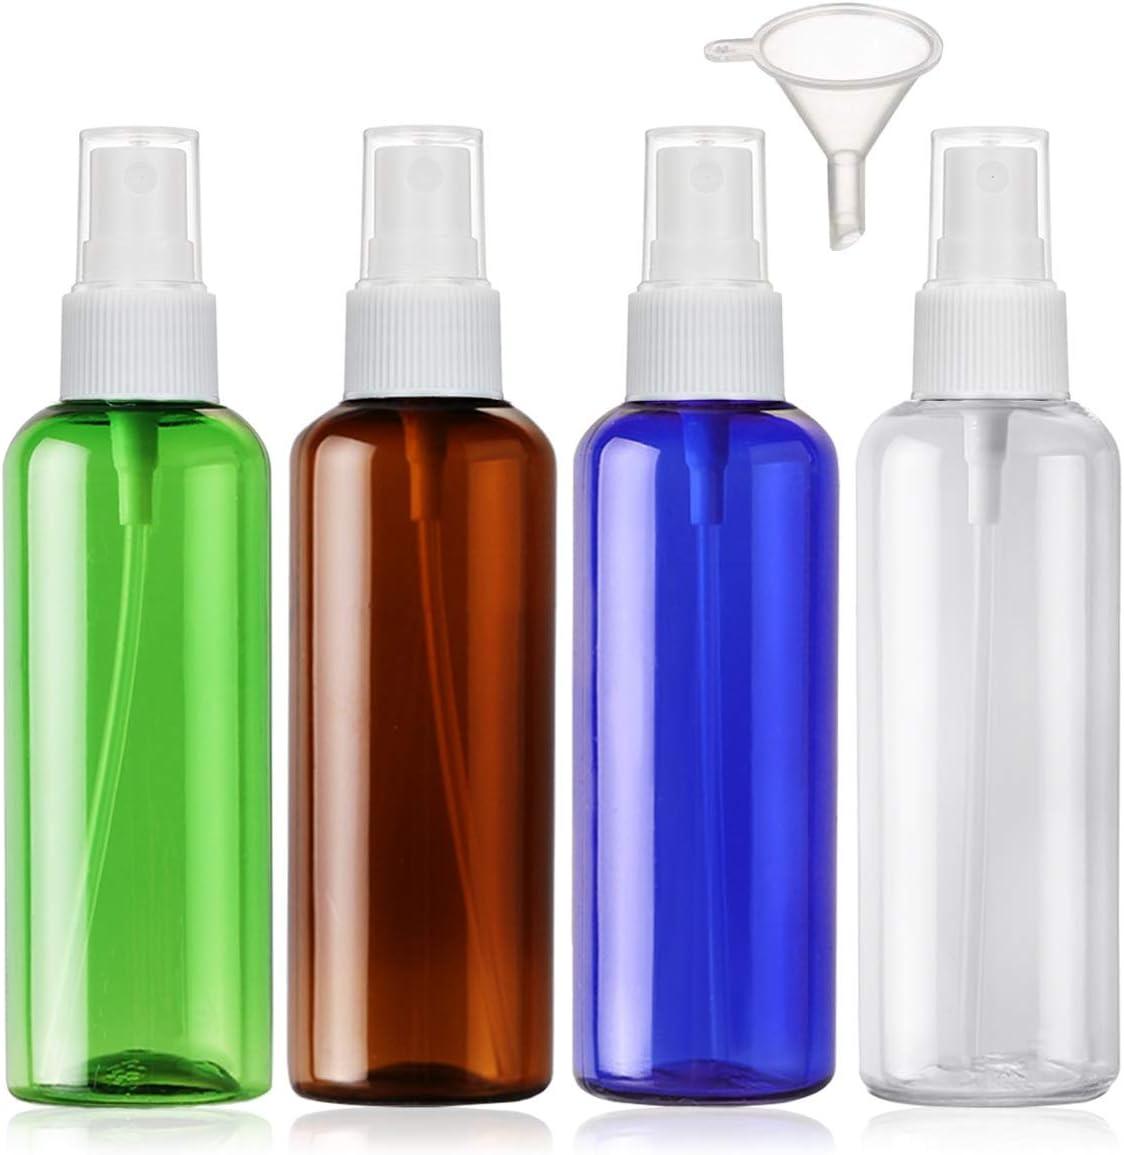 Bote Spray Botellas Vacía De Plástico Transparentes Contenedor de Pulverizador, 4 Piezas (100ml, 4 color)